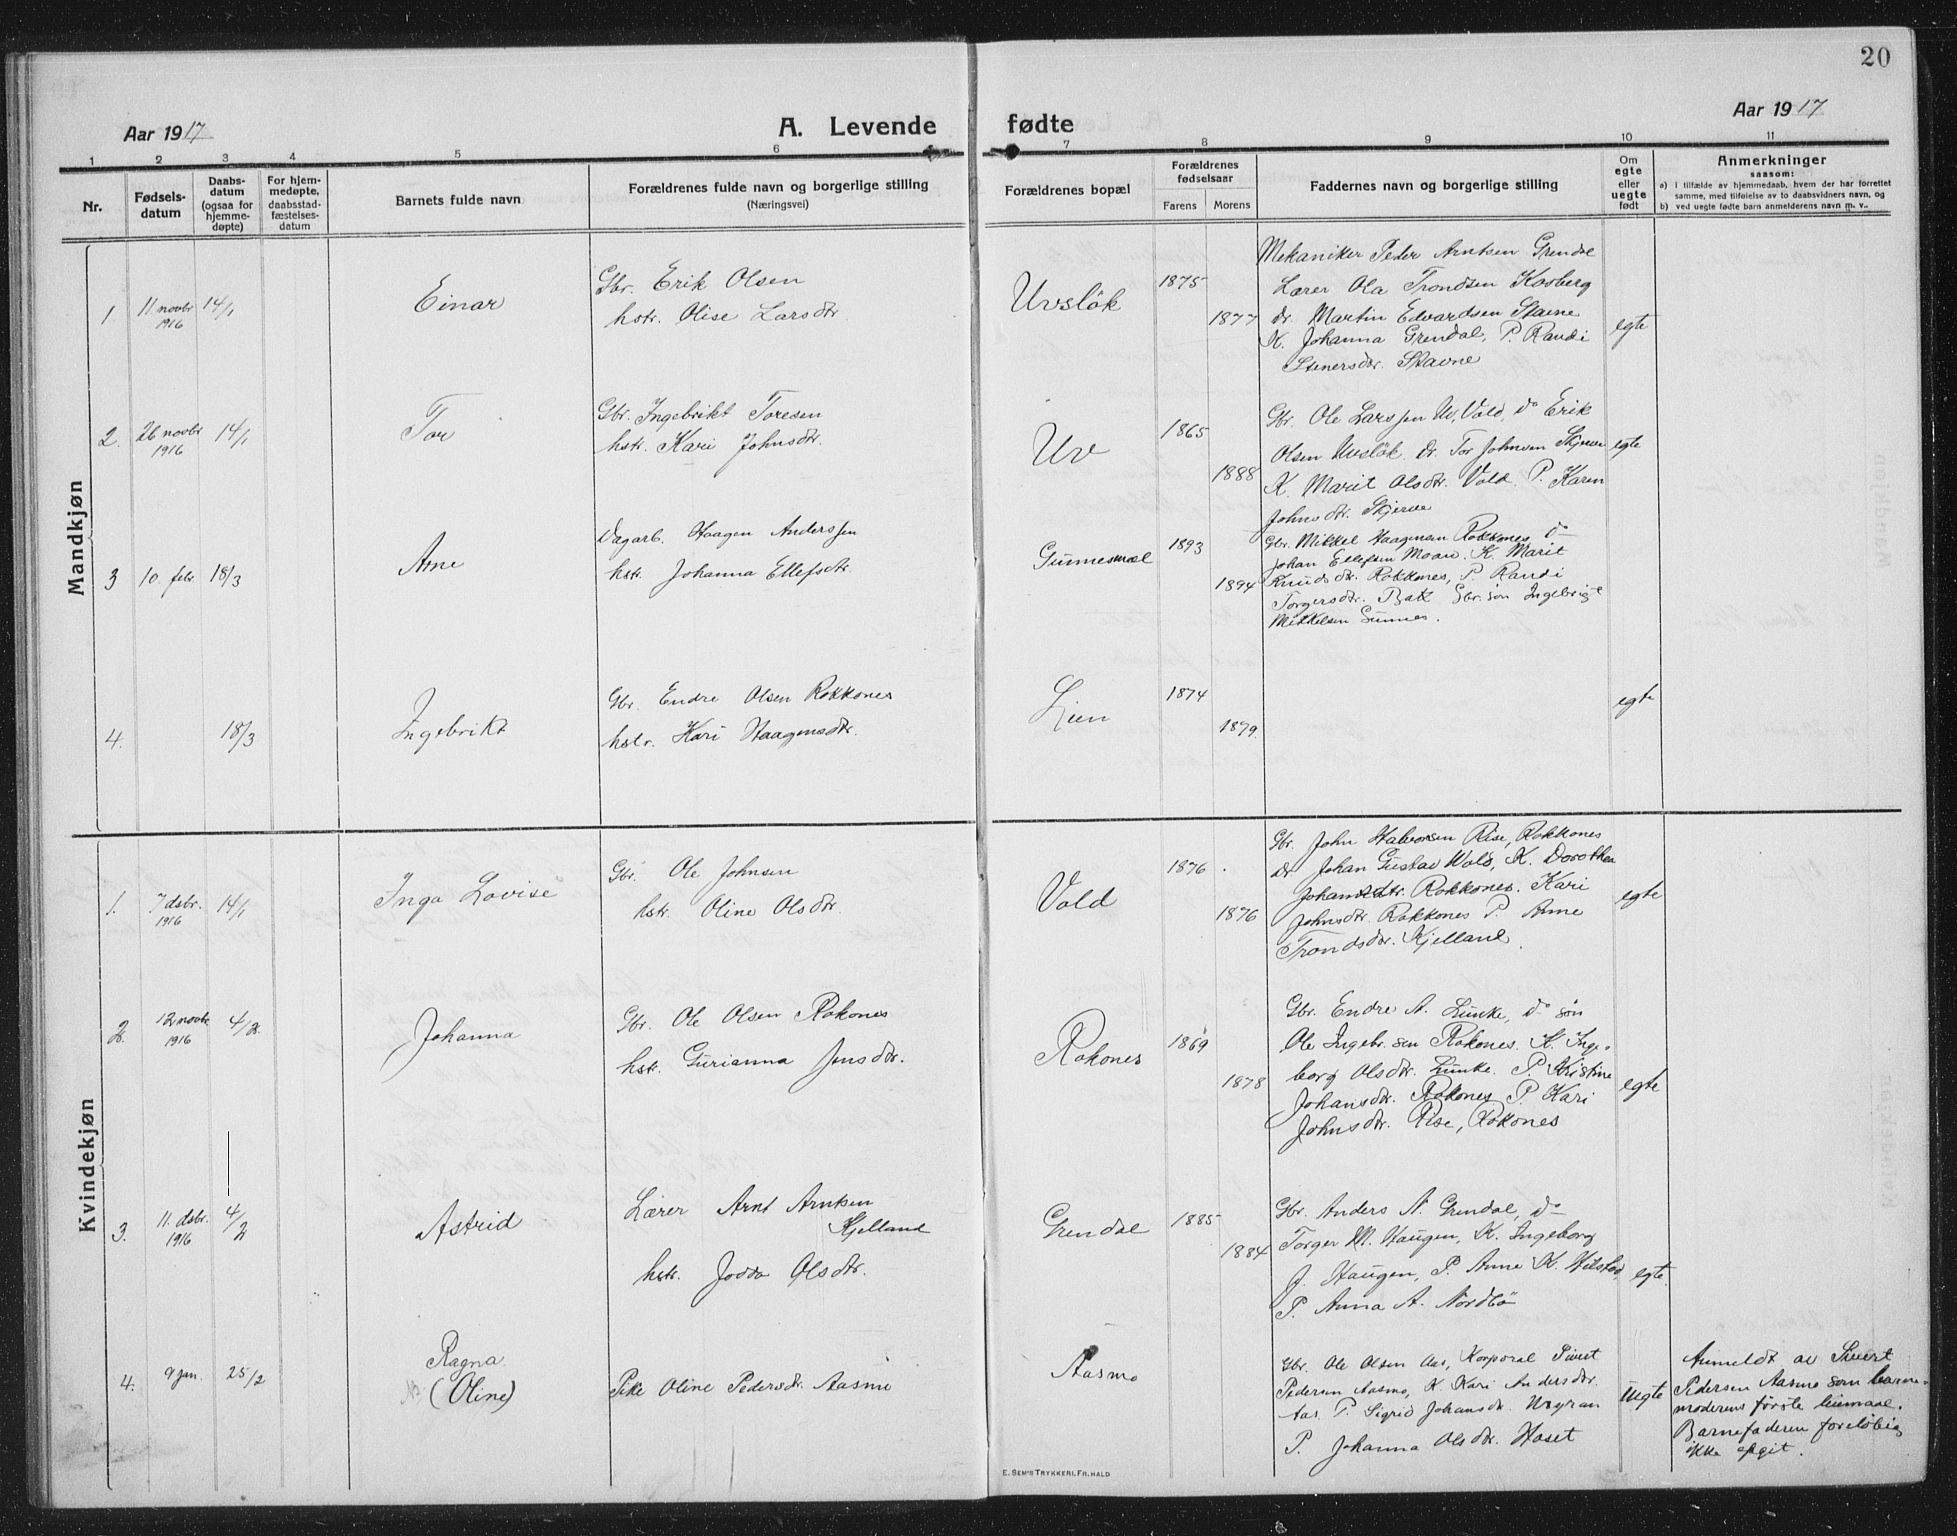 SAT, Ministerialprotokoller, klokkerbøker og fødselsregistre - Sør-Trøndelag, 674/L0877: Klokkerbok nr. 674C04, 1913-1940, s. 20